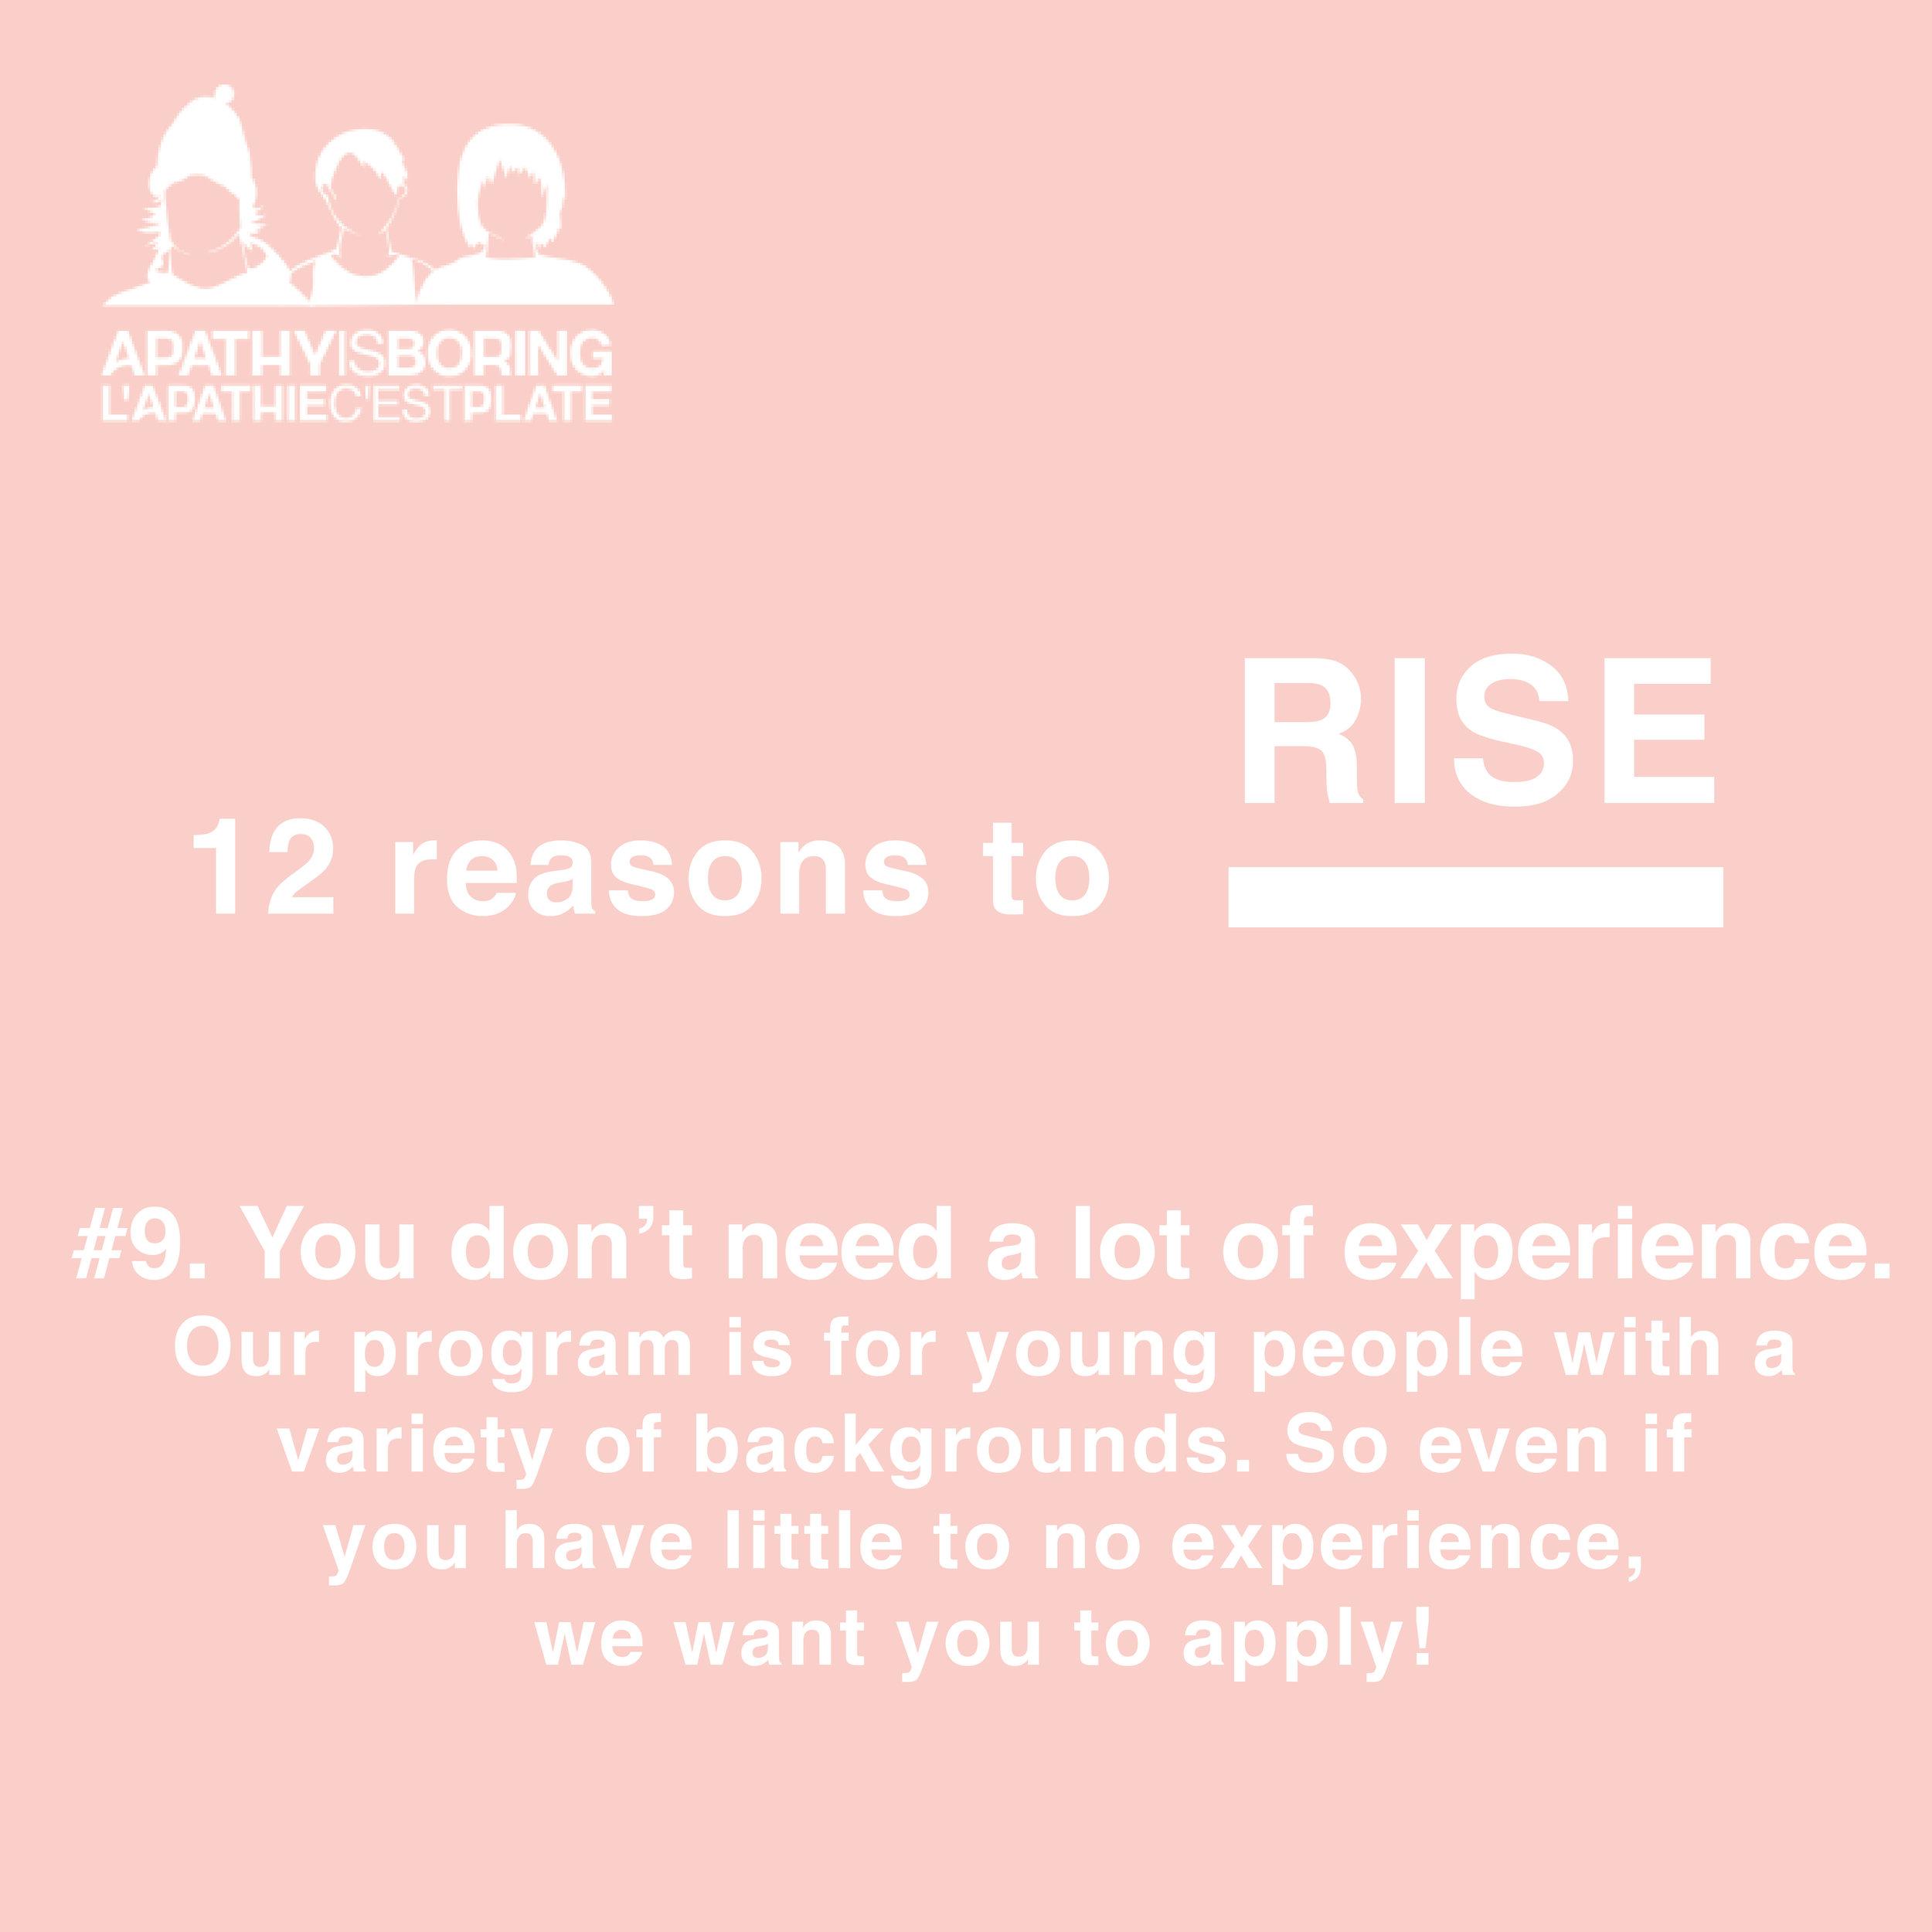 aisbRISE reason 9.jpg